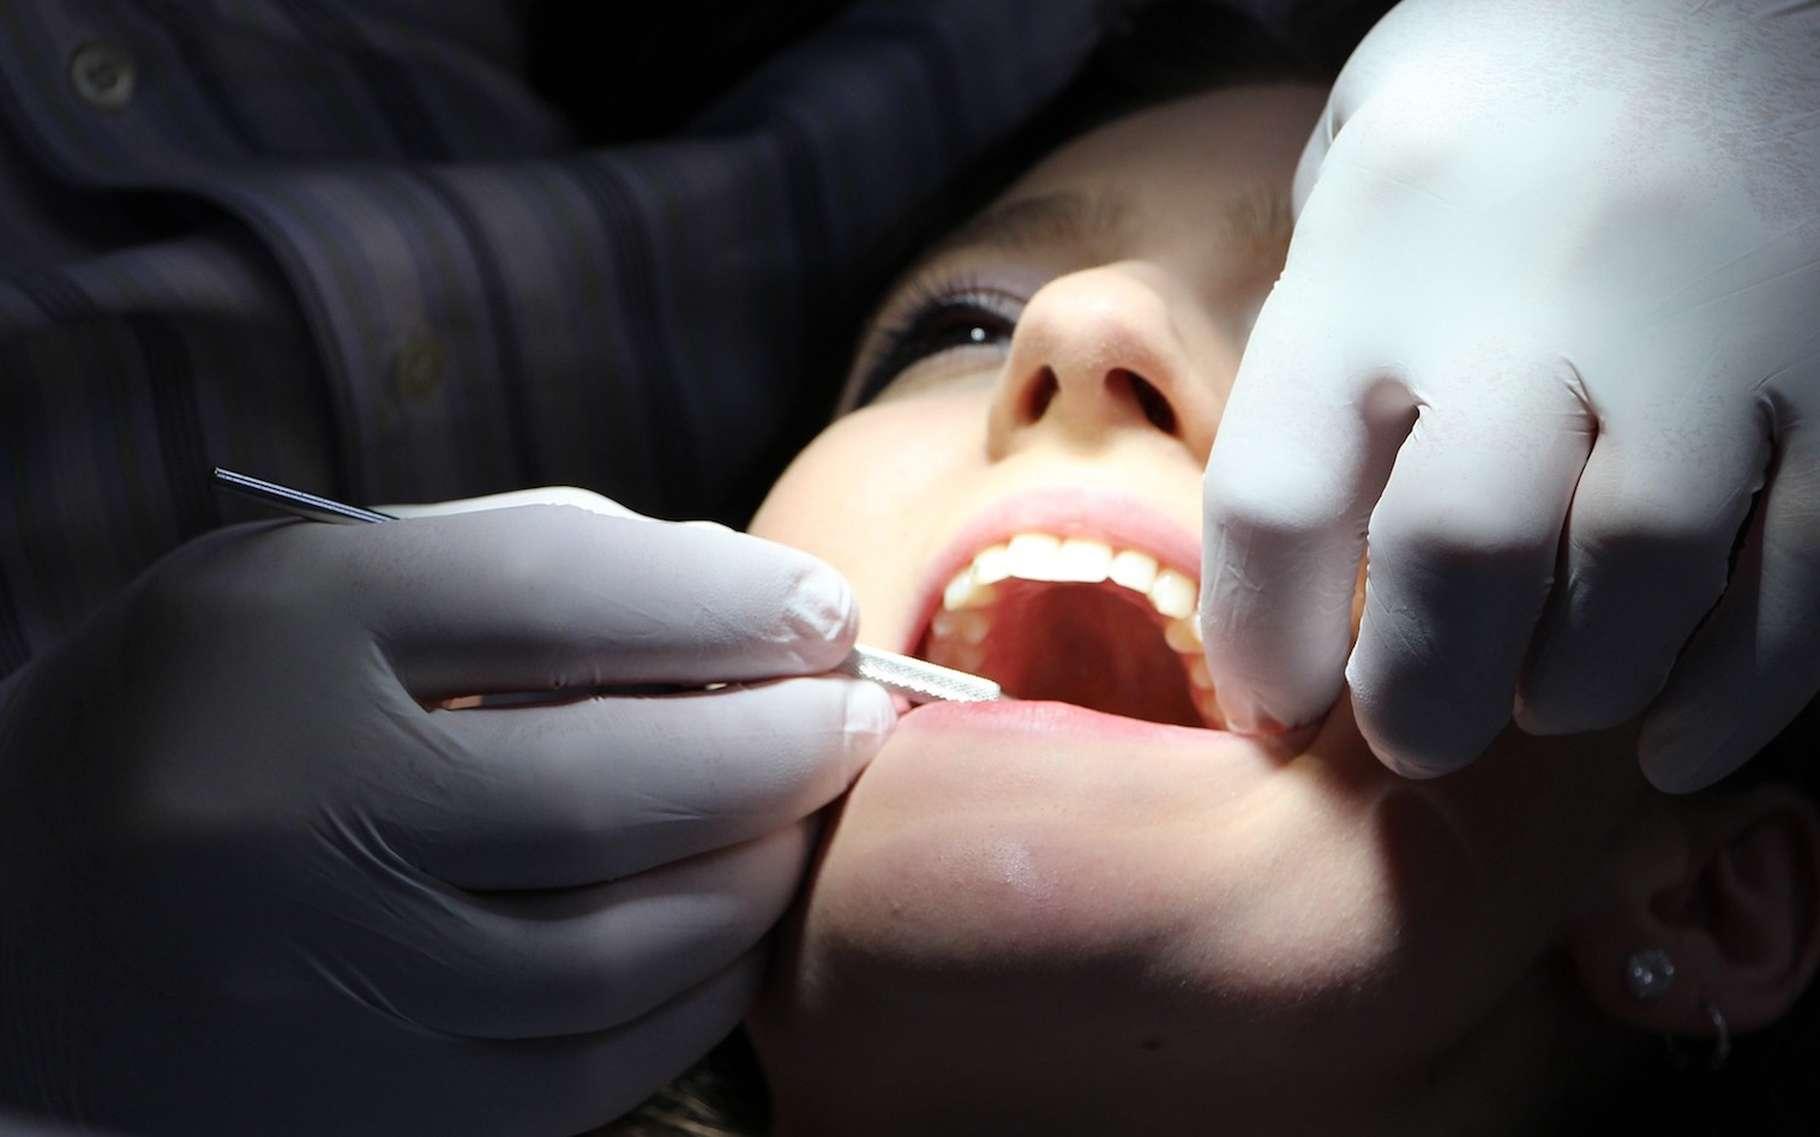 Le terme amalgame est notamment connu dans le secteur de la dentisterie où il désigne un matériau utilisé pour combler les trous laissés dans les dents après élimination de caries. © rgerber, Pixabay, DP